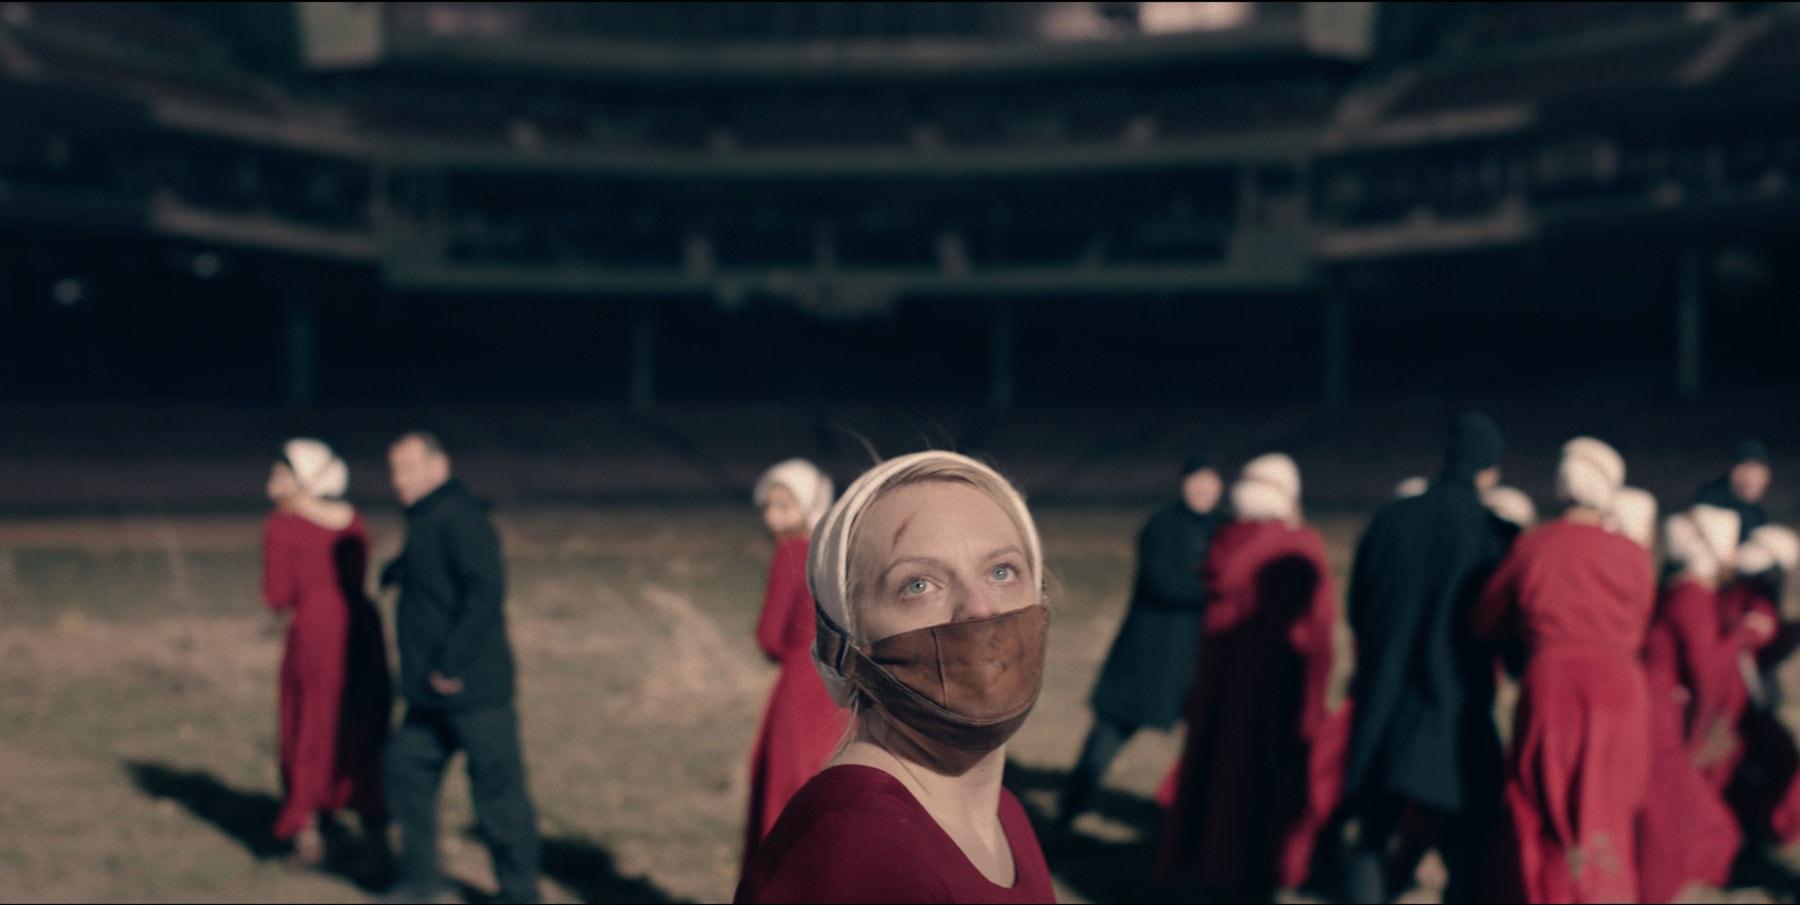 """הדיסטופיה מנצחת. """"סיפורה של שפחה"""" (צילום: HBO)"""